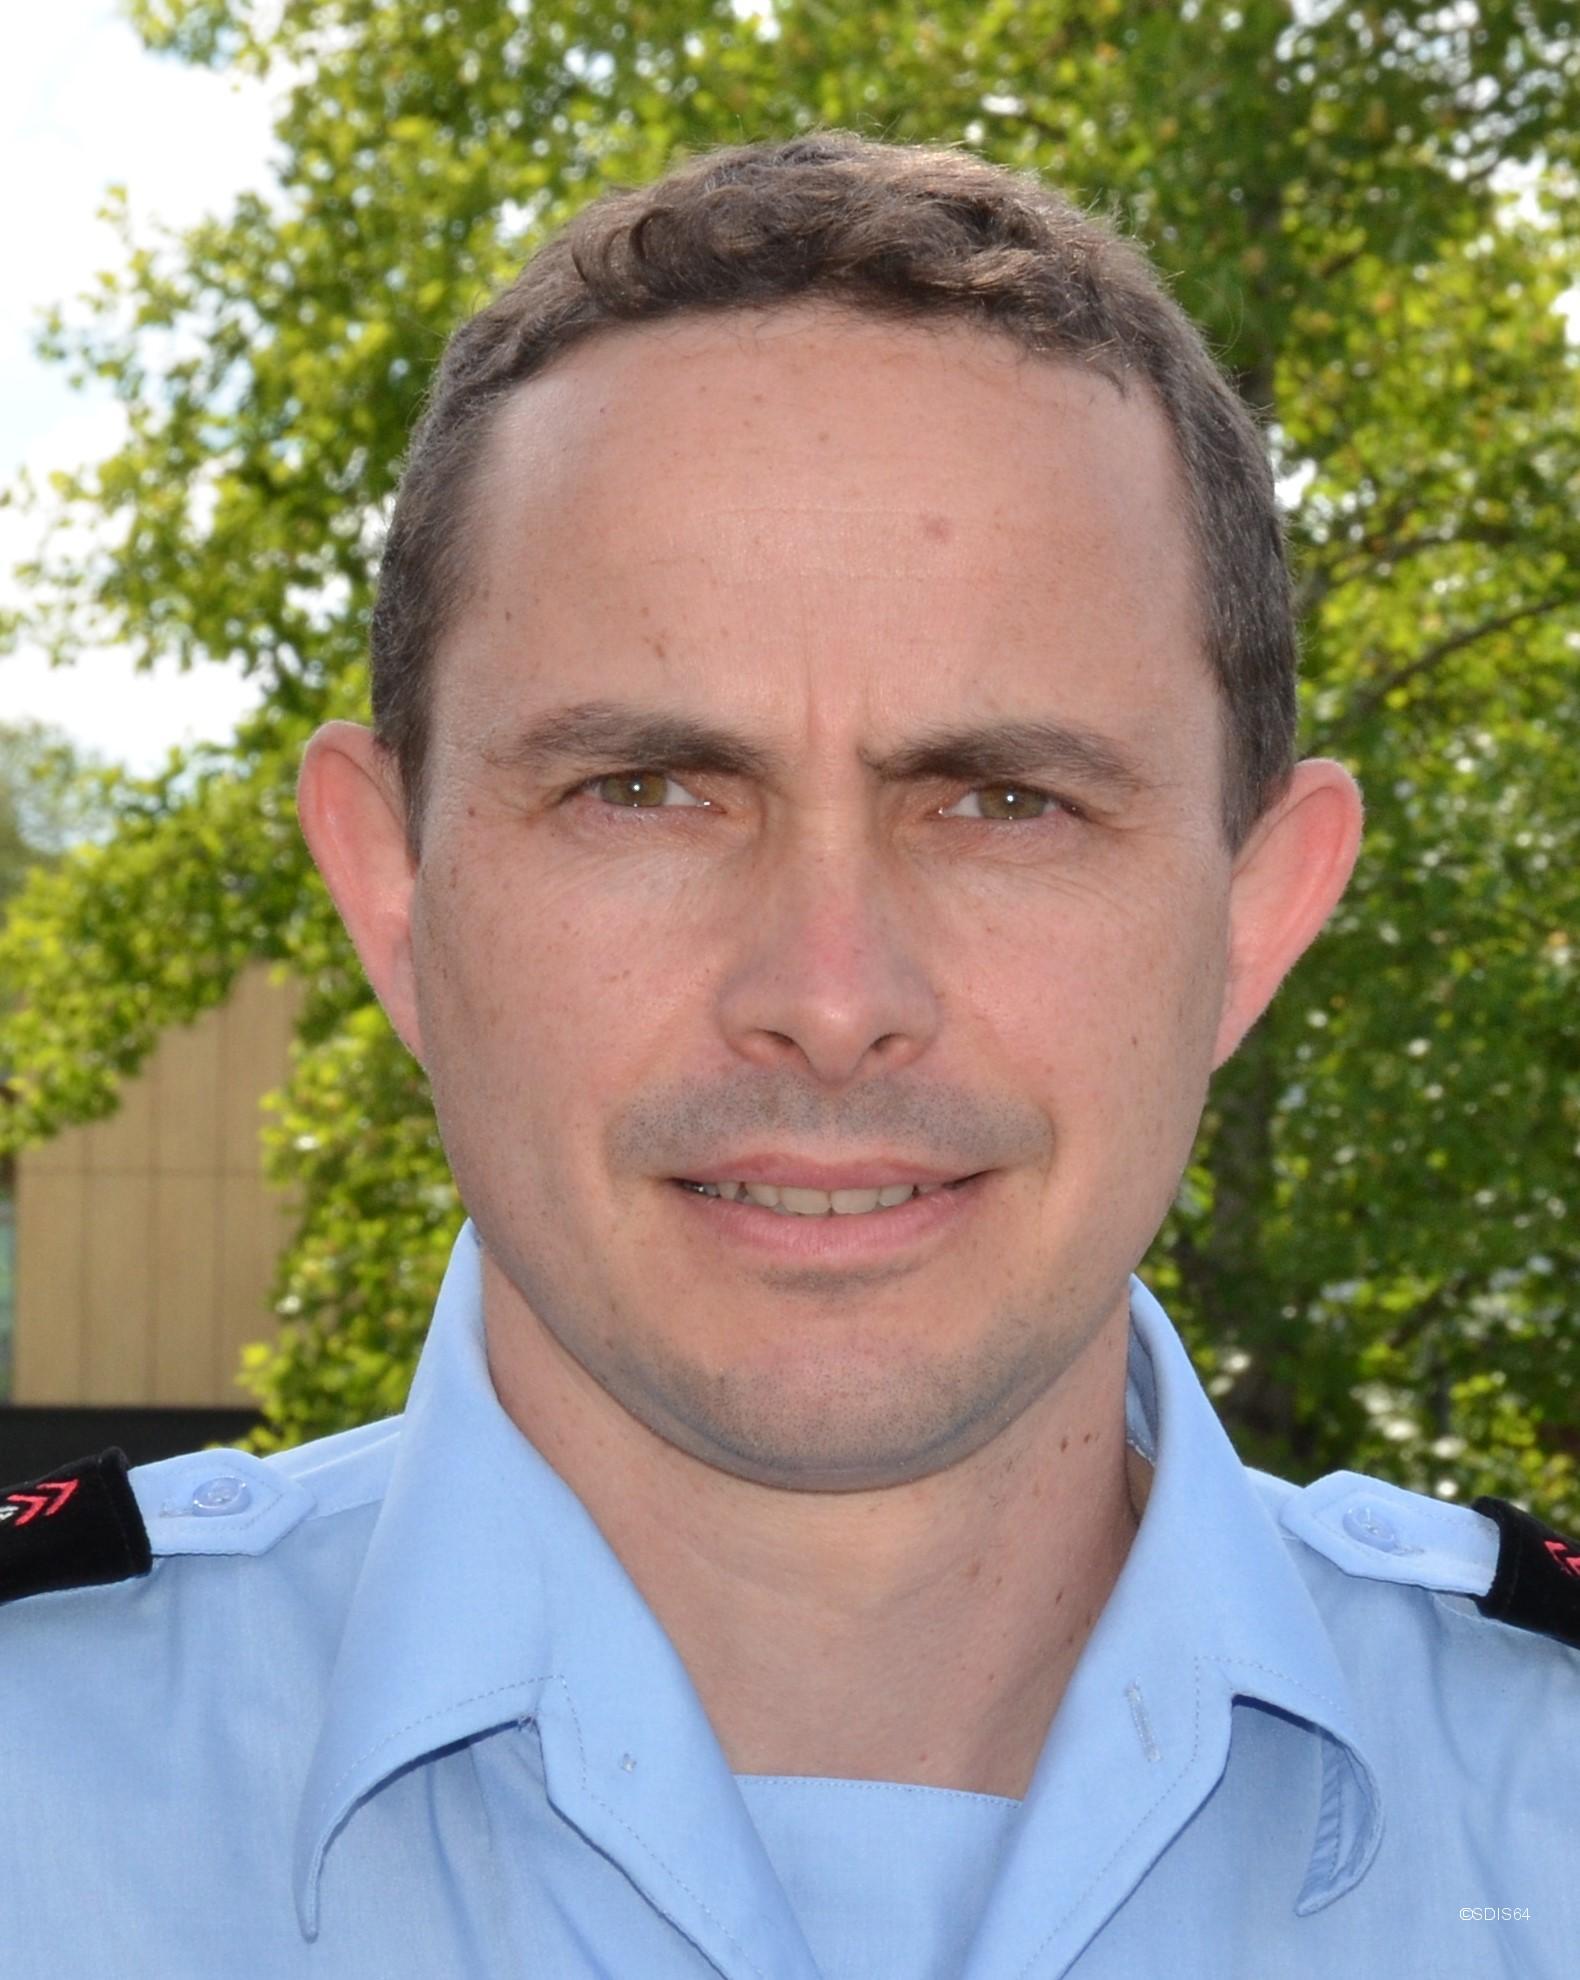 Lt-colonel FARDEAU